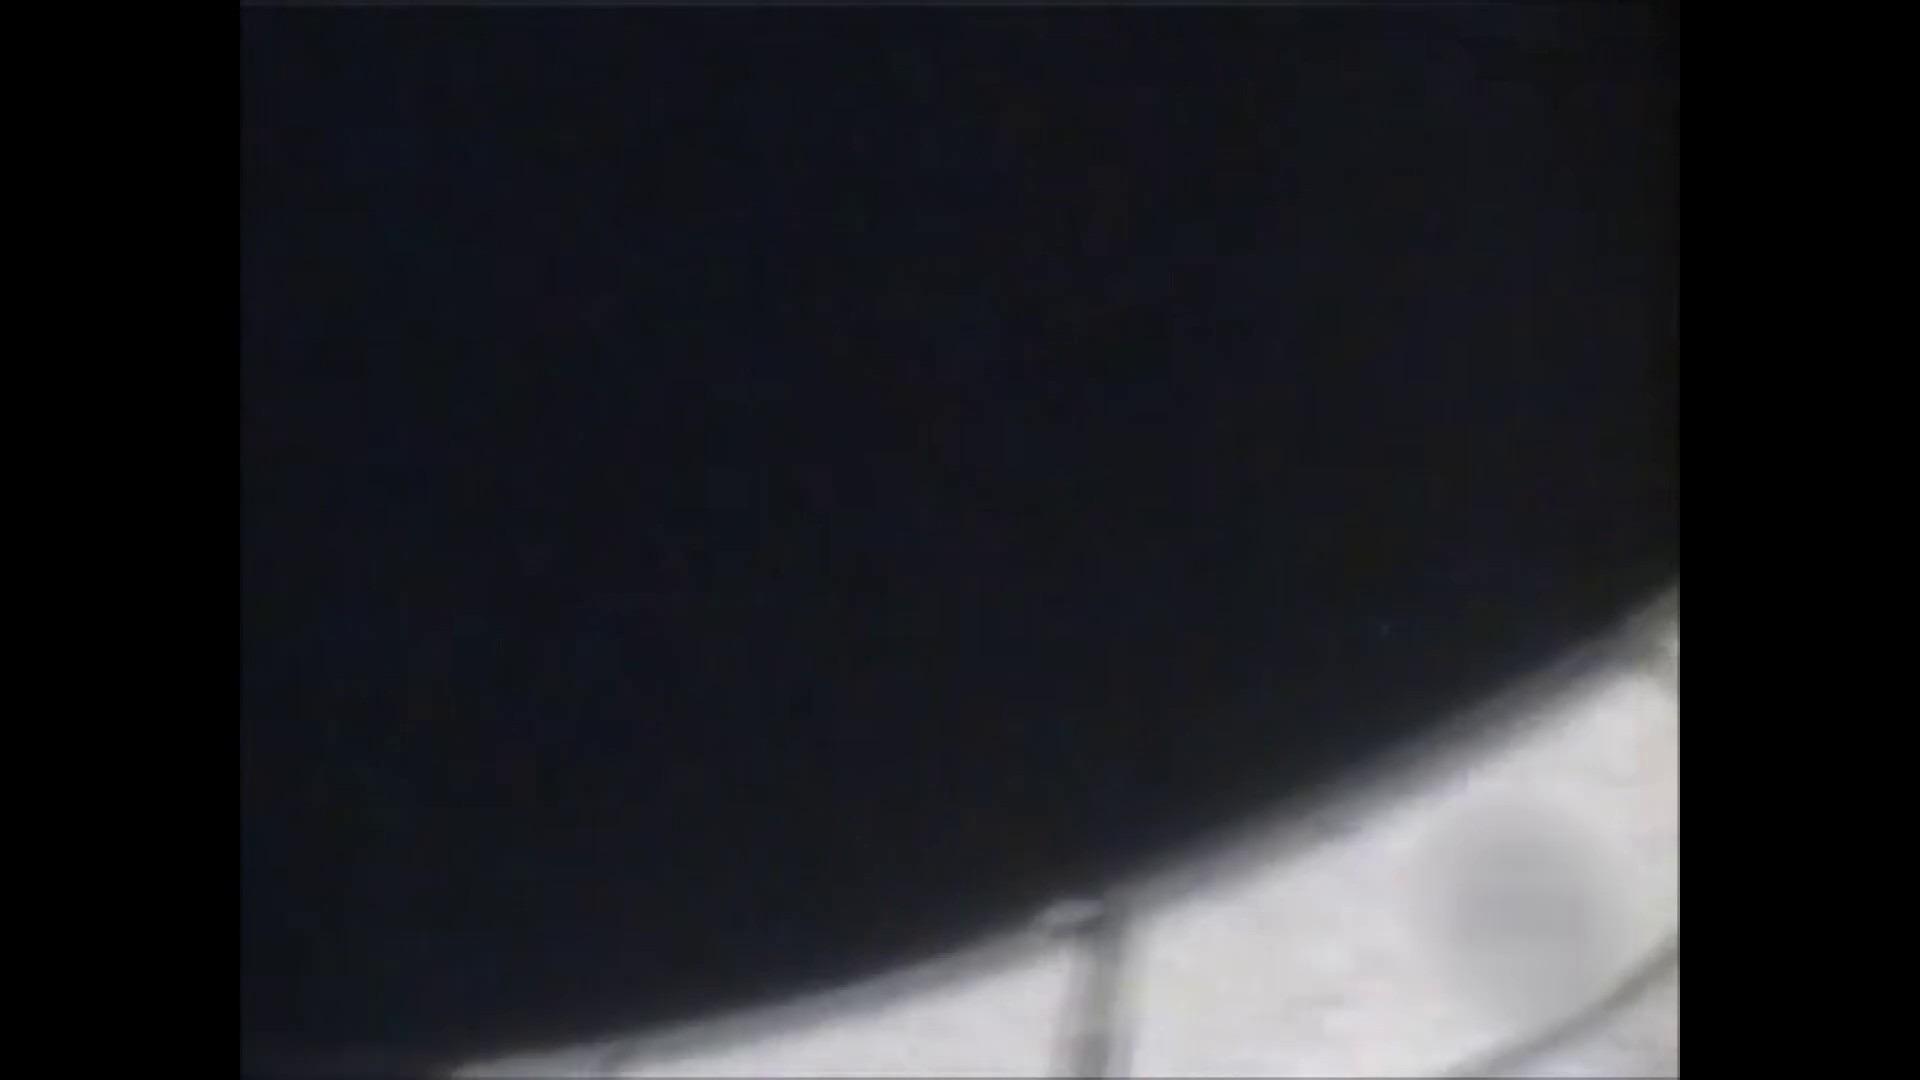 闇の性獣 レ●プ闇の事件簿 企画 | 期間限定  79連発 60